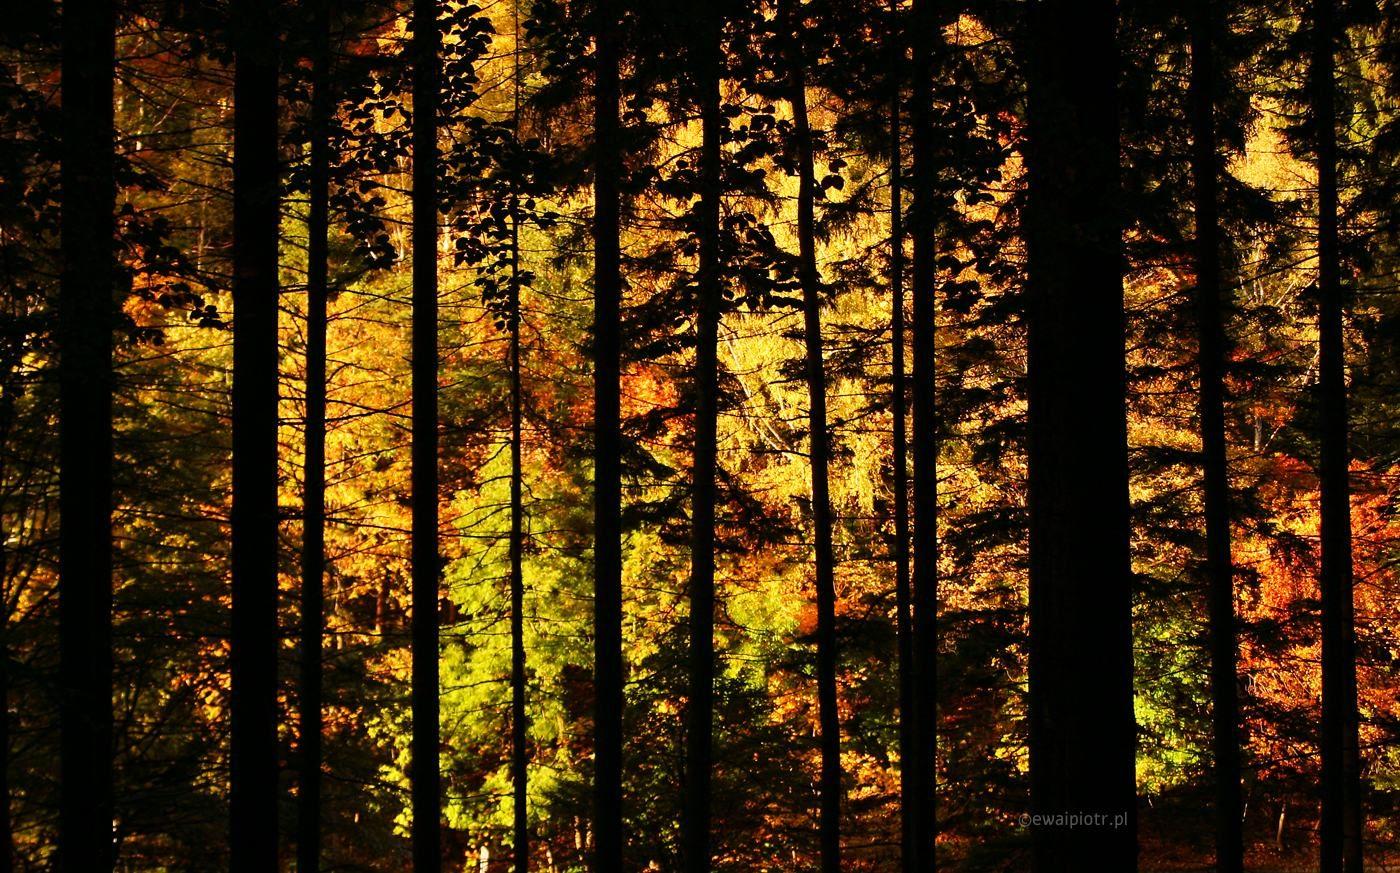 Złota jesień warsztaty fotograficzne